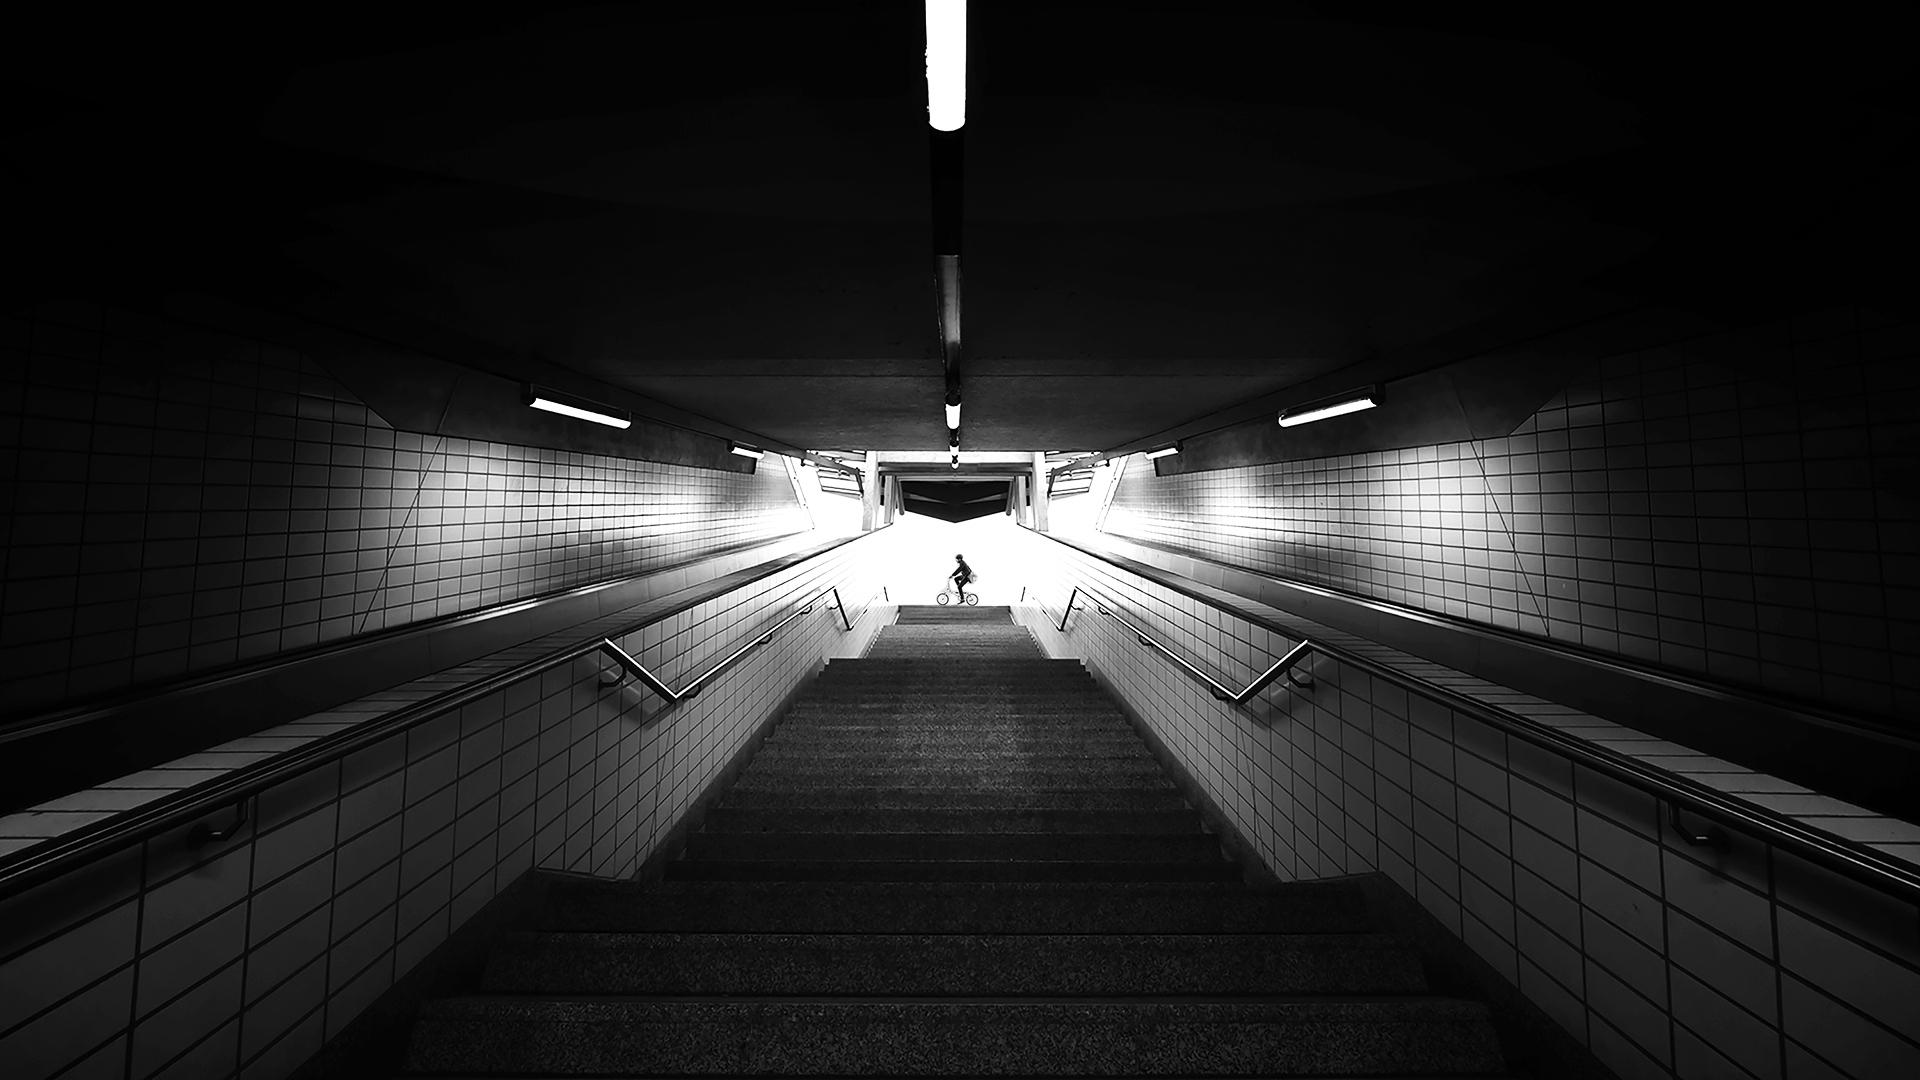 Arquitetura/Ode ao que se esquece por não se saber recordar